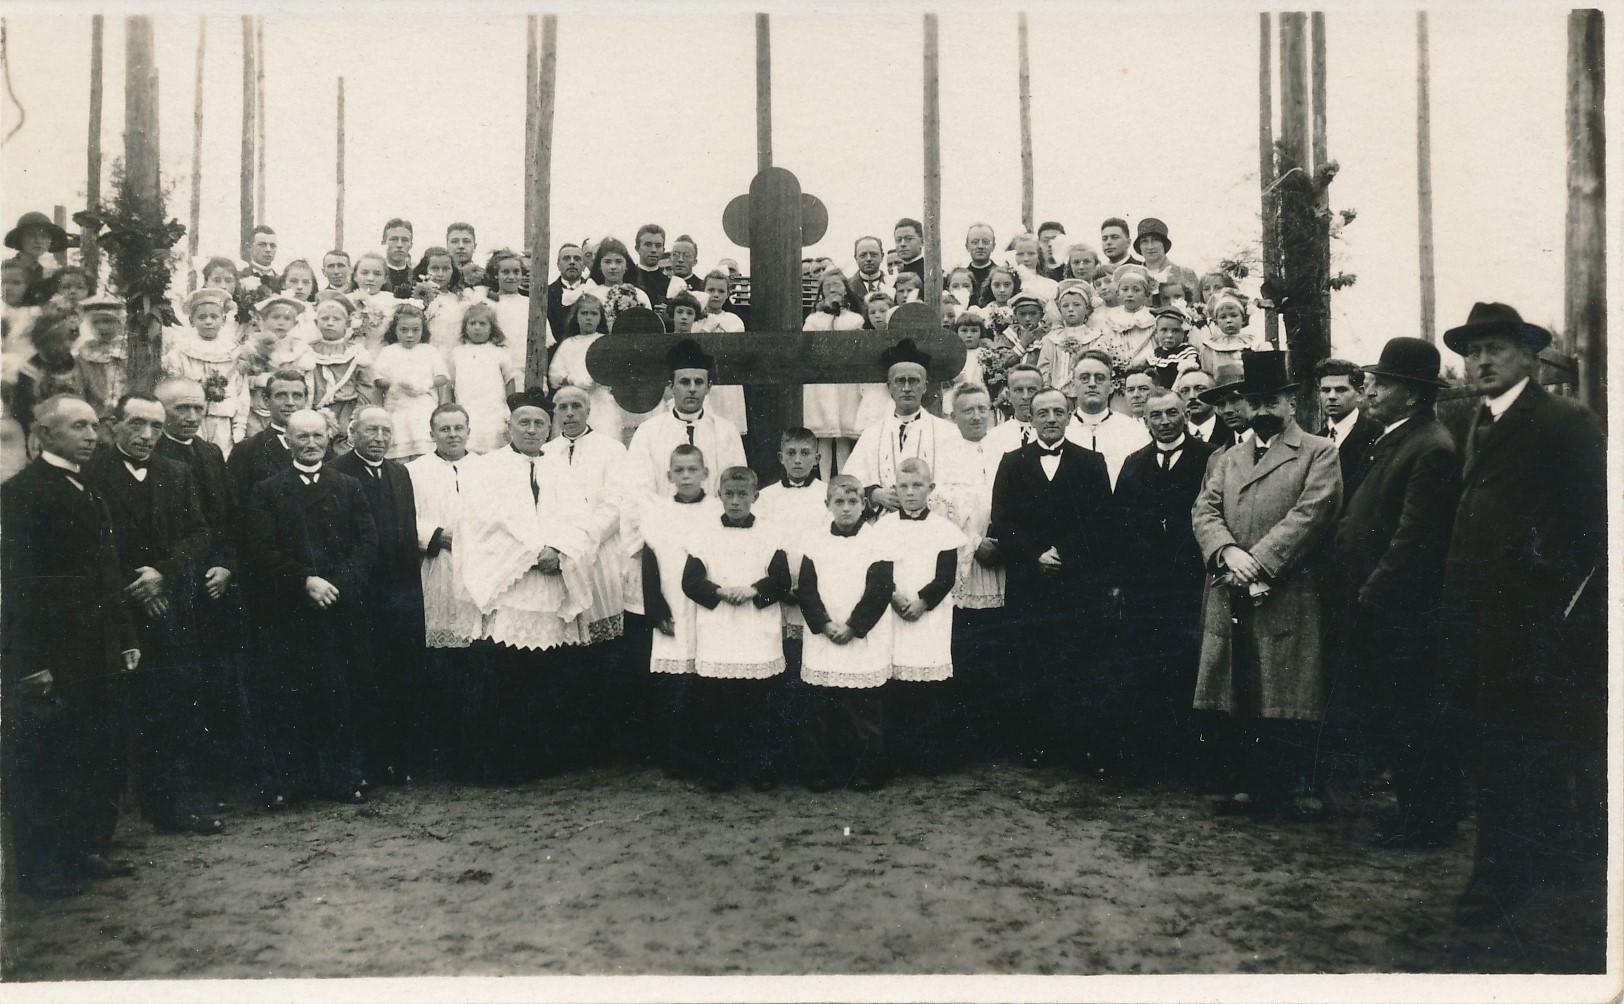 Fotoalbum Andre Kamsma, 166, warskynlik earste stienlizing fan de H. Wiro tsjerke yn Easterwierrum